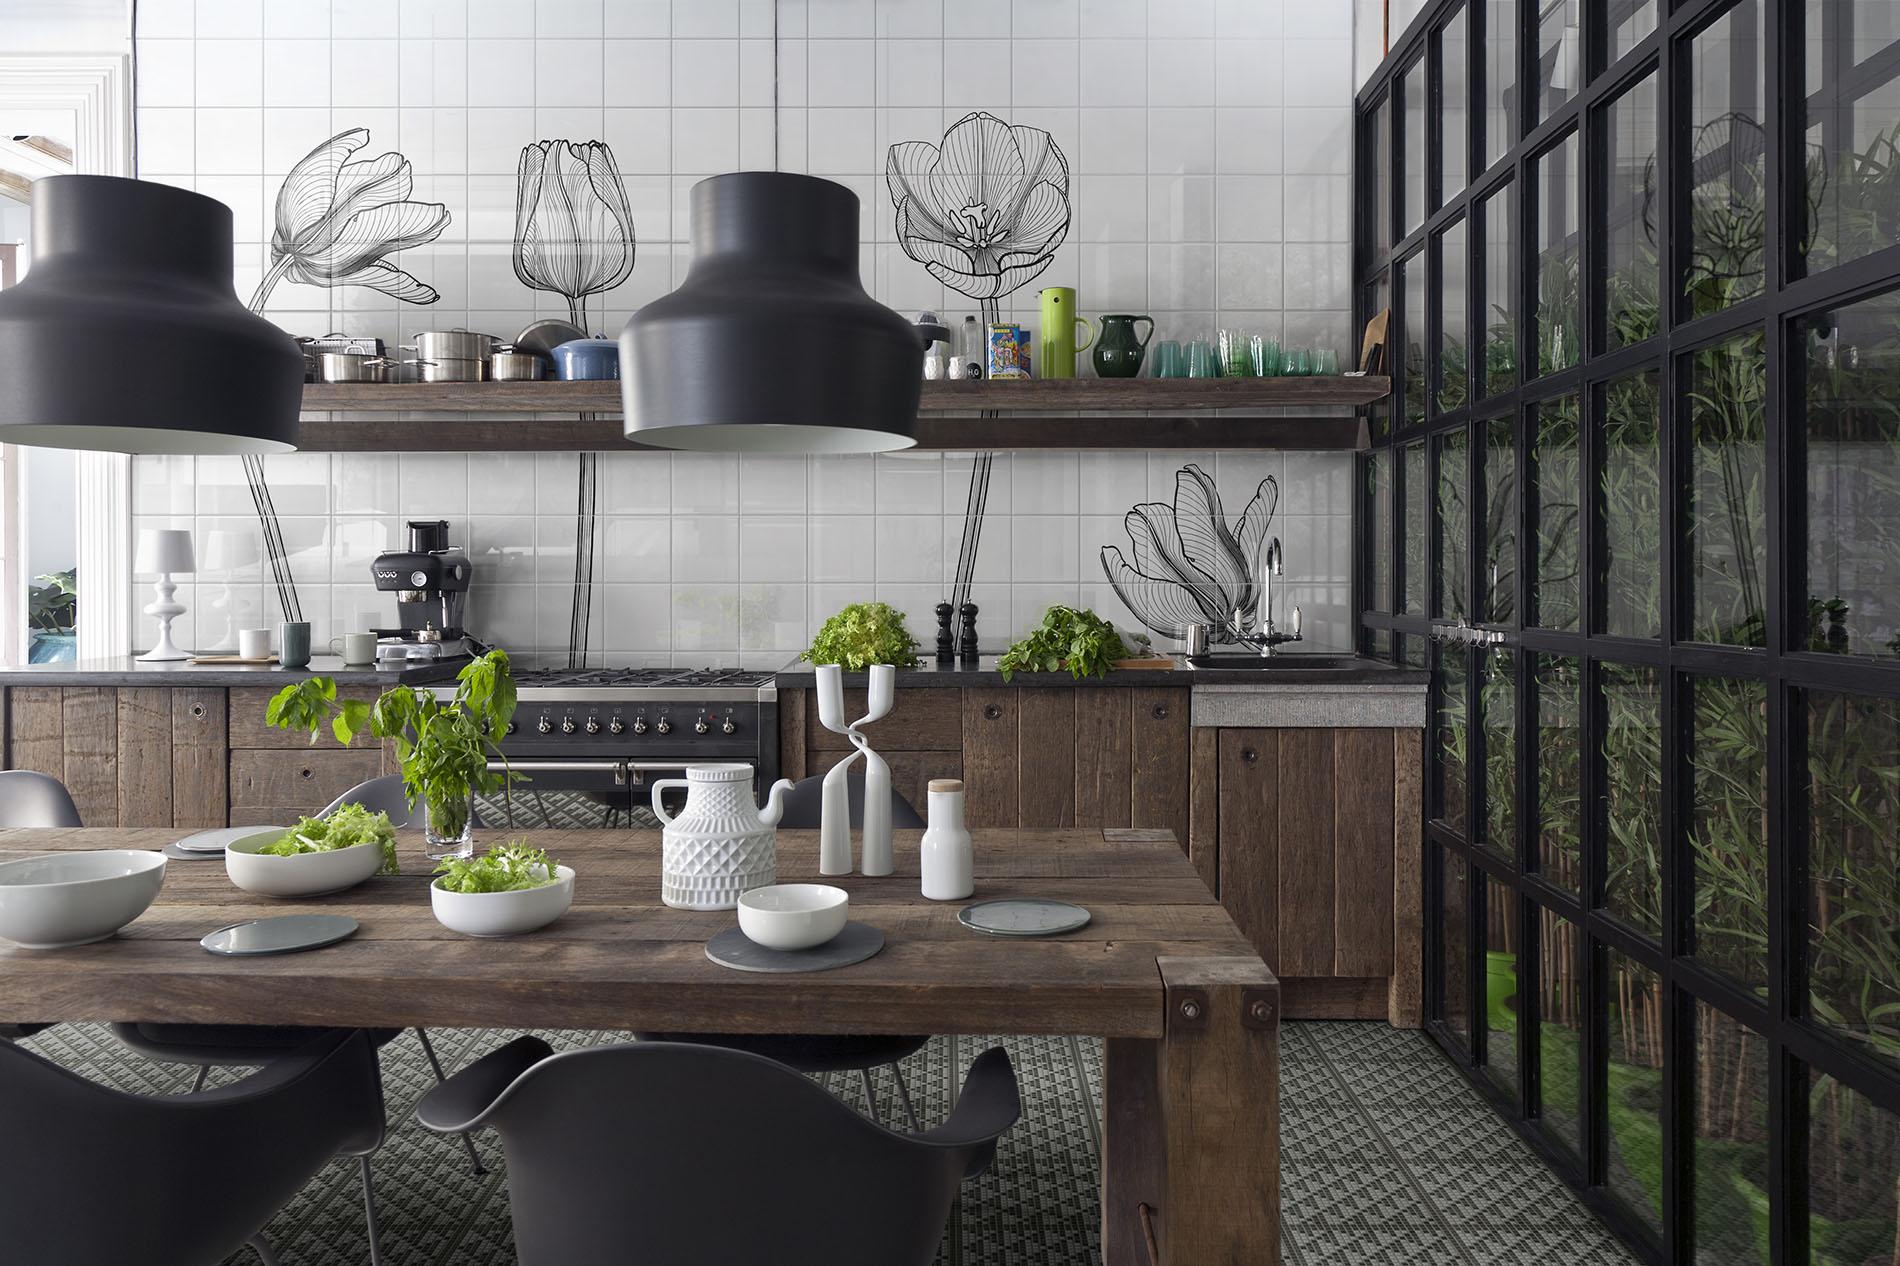 Drewniana kuchnia z czarnymi elementami i płytkami marki Bardelli